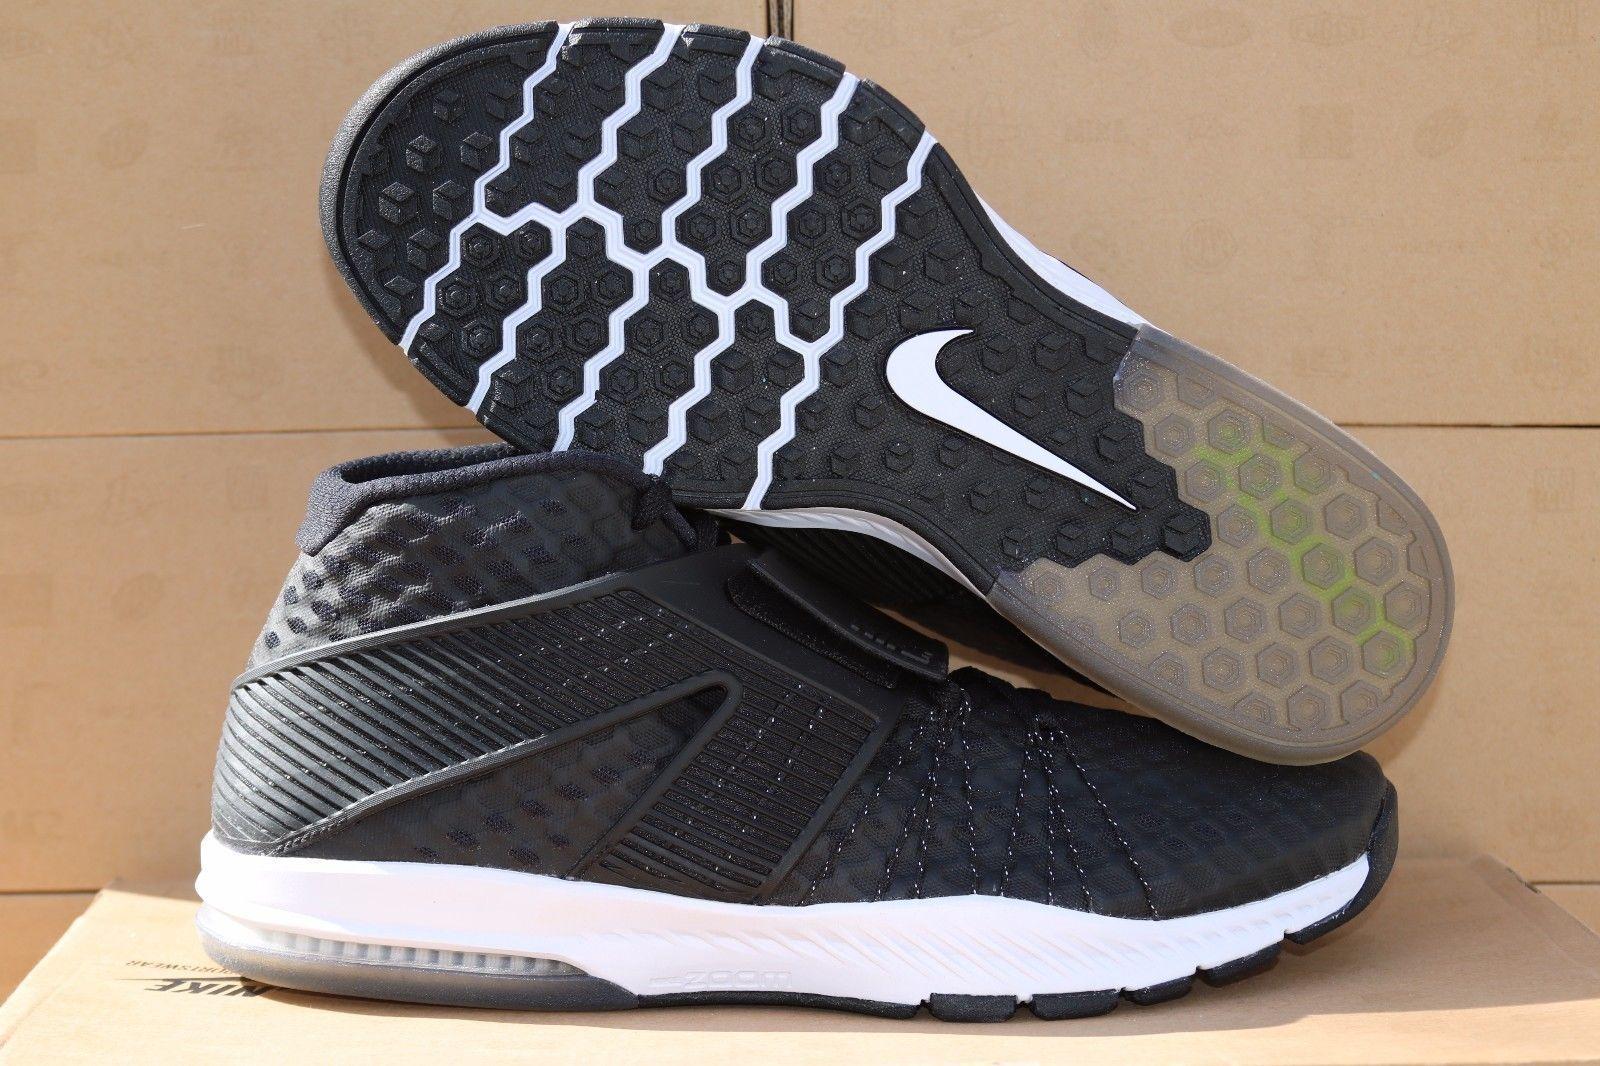 NIB-Nike Zoom Train Toranada Men's Black/White Training Shoes Sz. 10